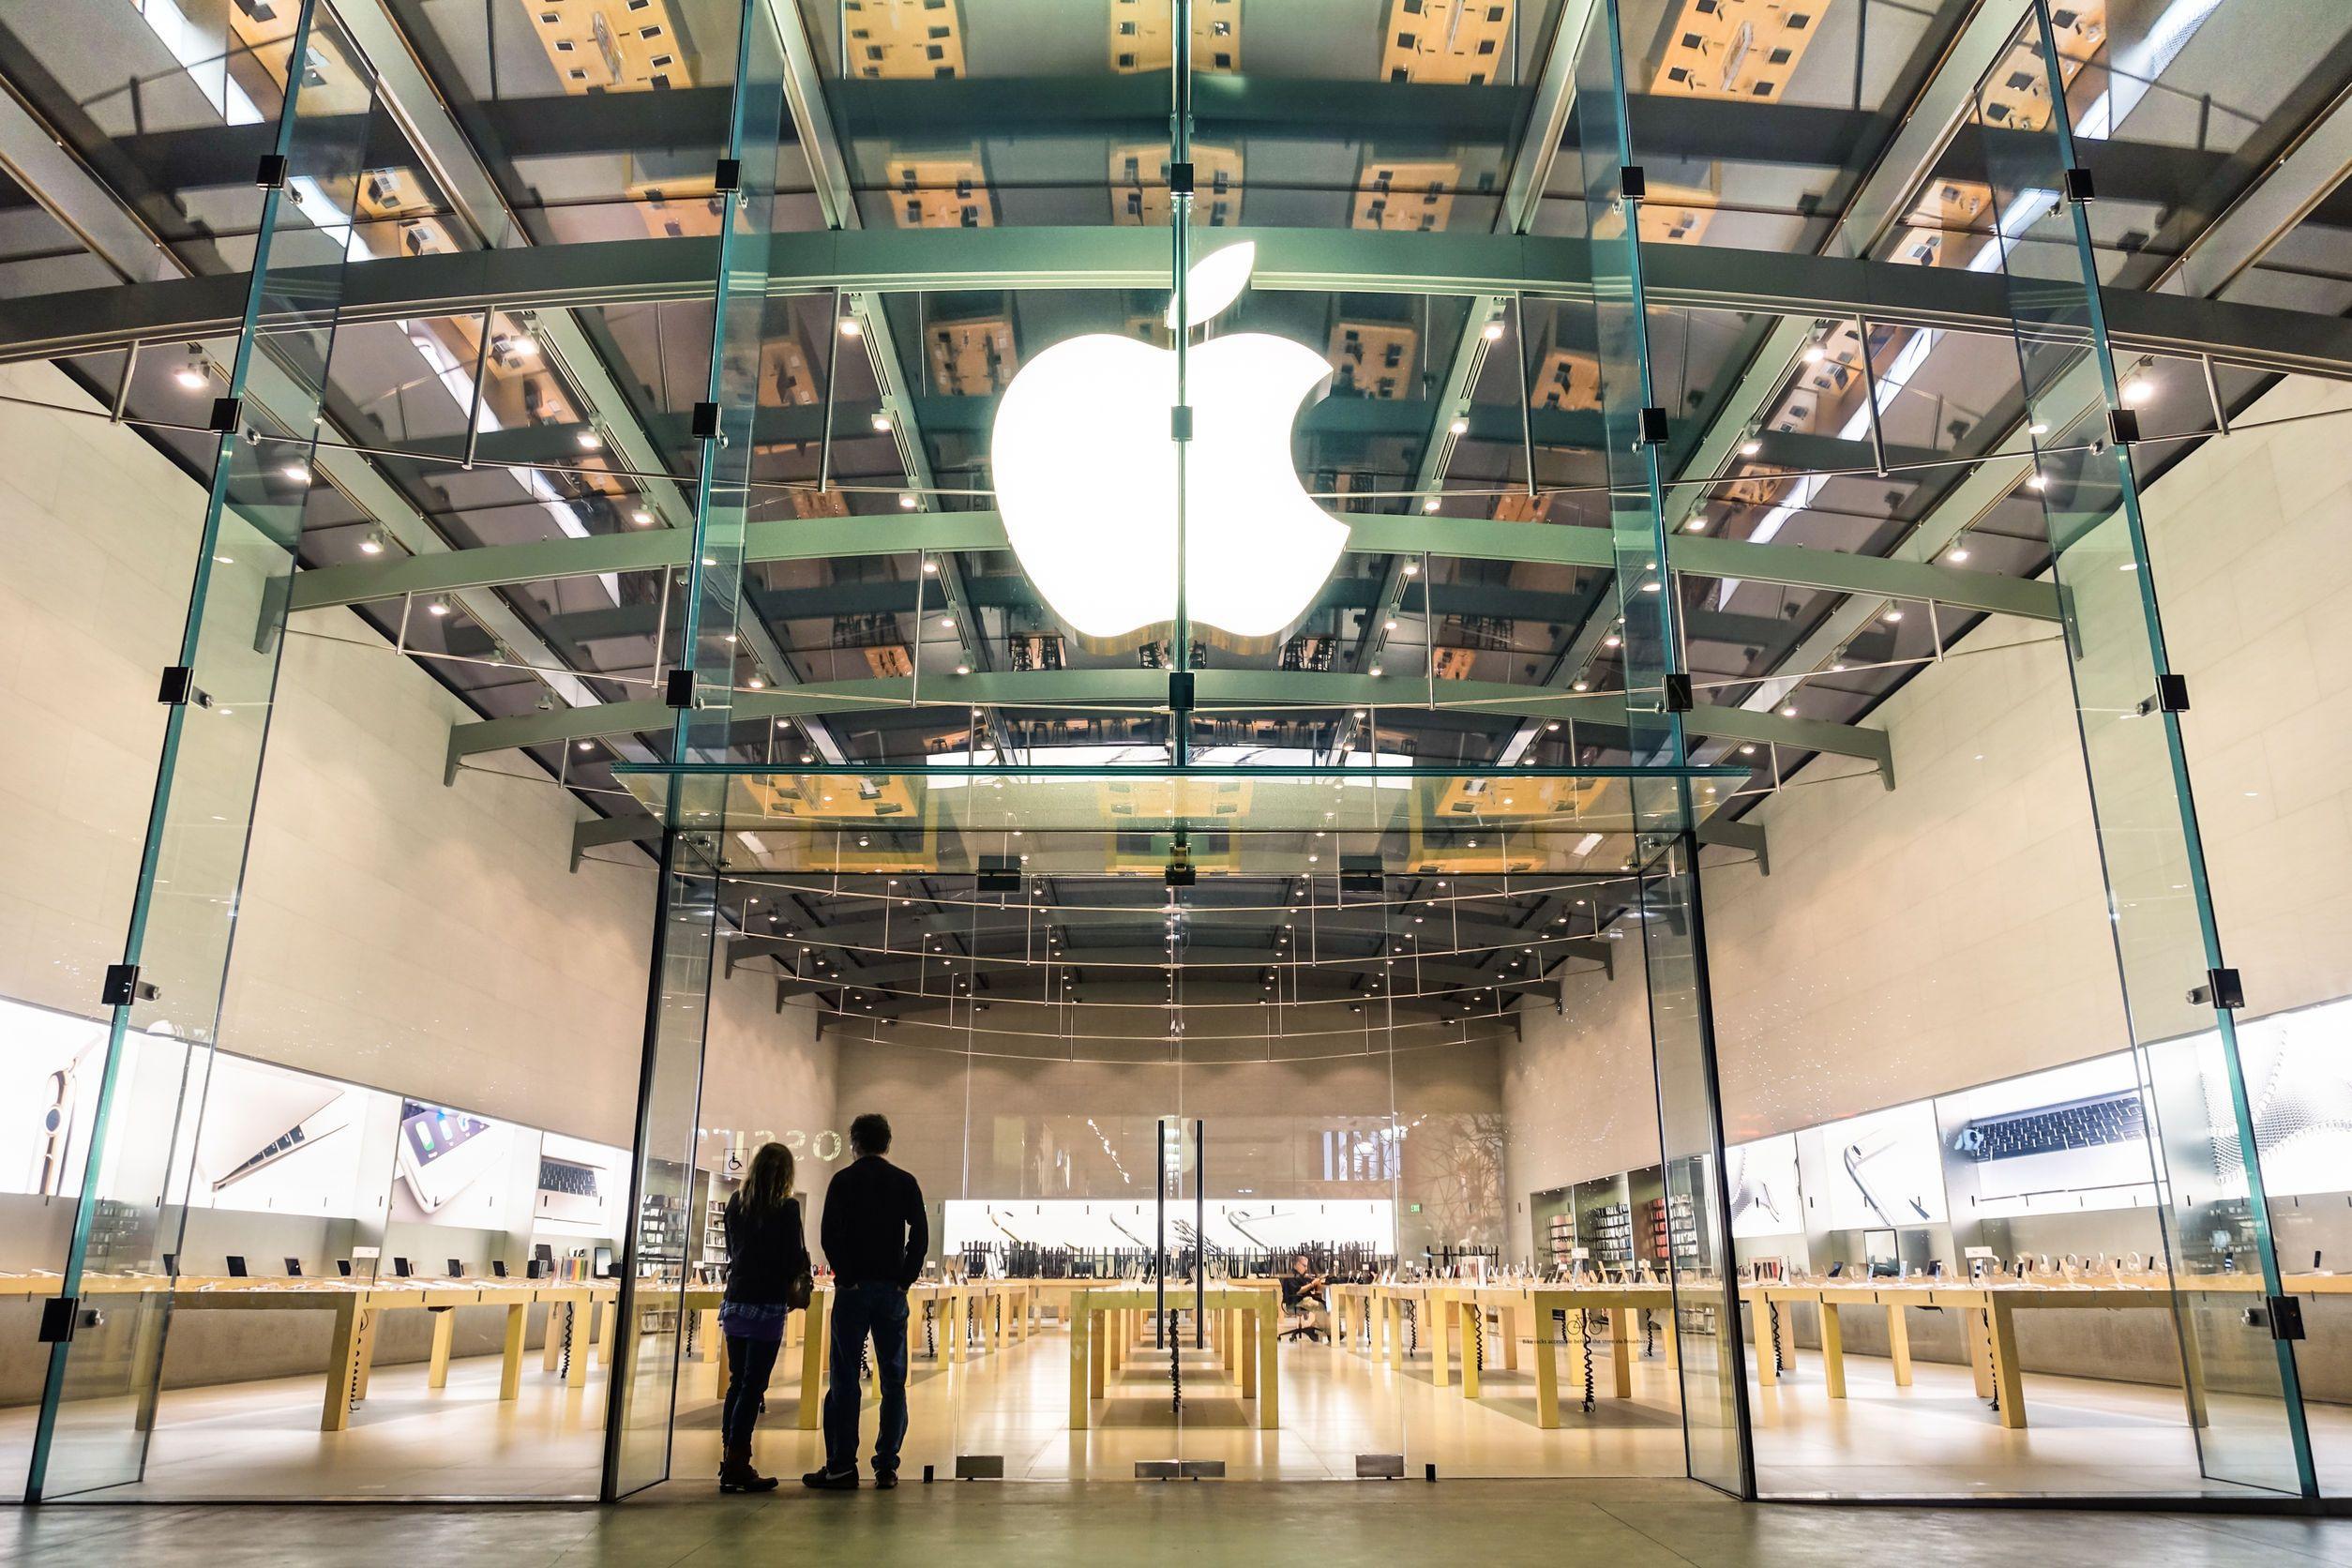 Apple a venit în România: gigantul american şi-a înfiinţat propria companie şi va intra direct în războiul de pe piaţa de smartphone-uri, tablete şi PC-uri